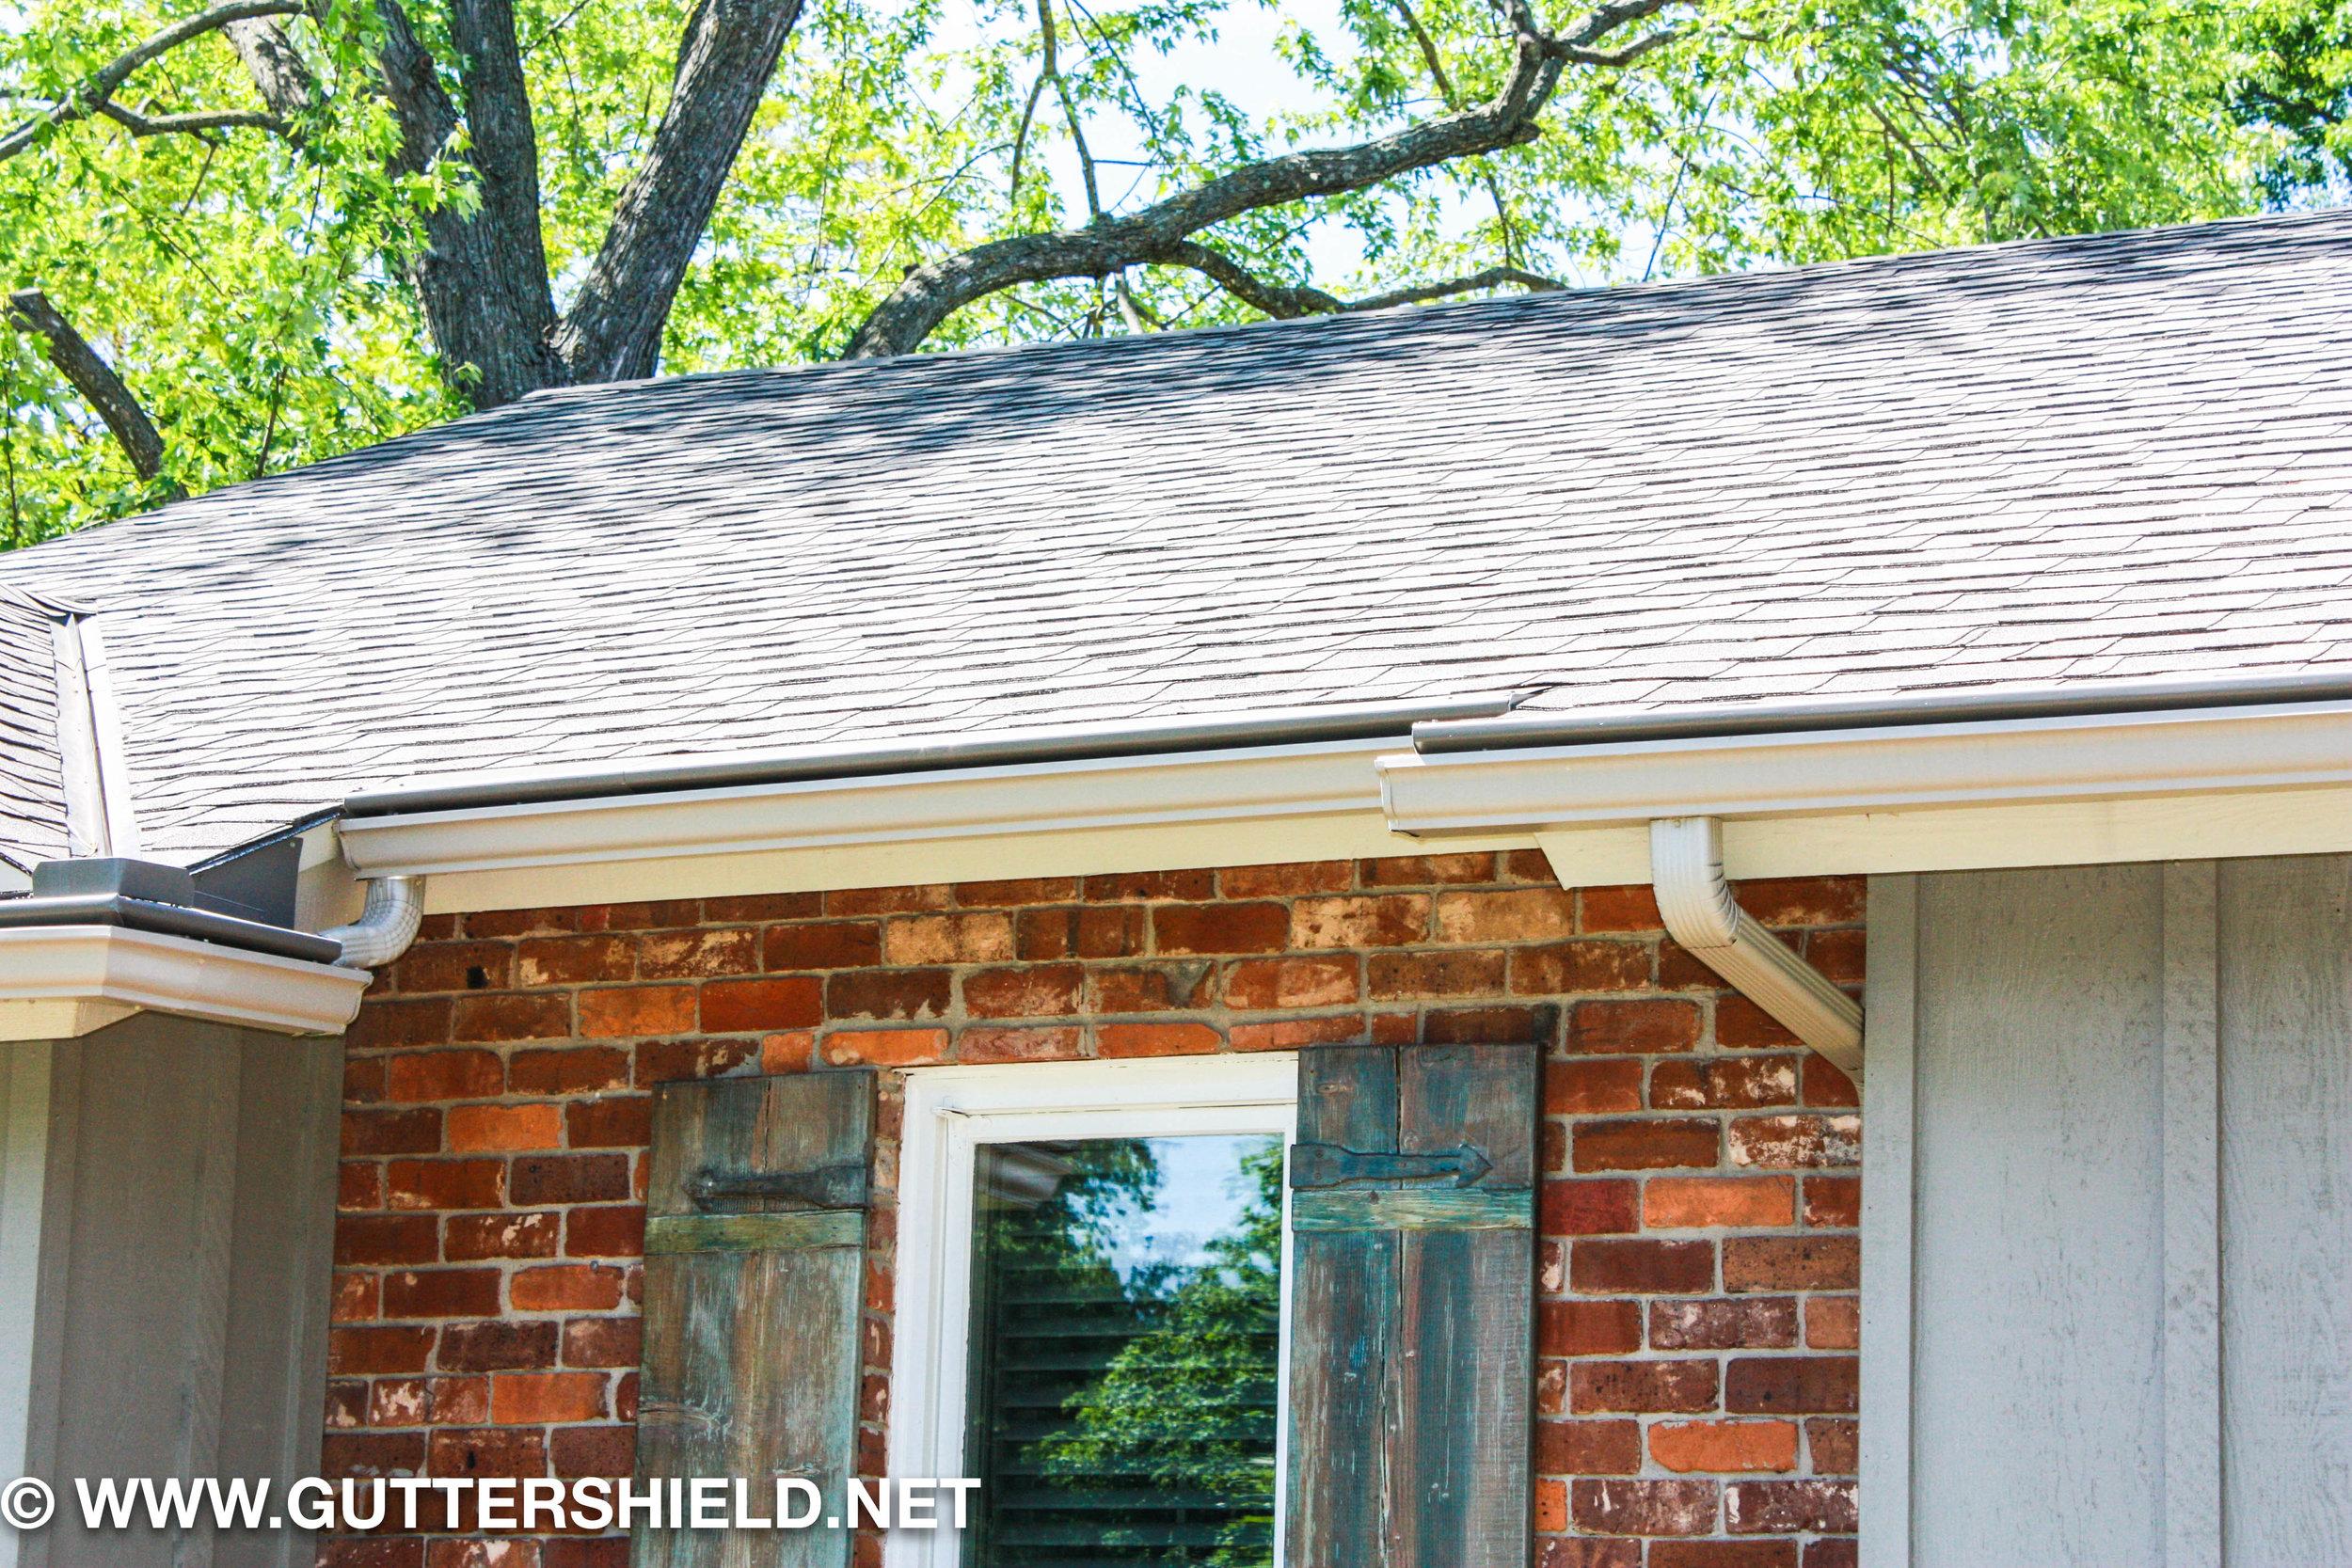 K-style-gutters-gutter-shield-springfield-mo.jpg